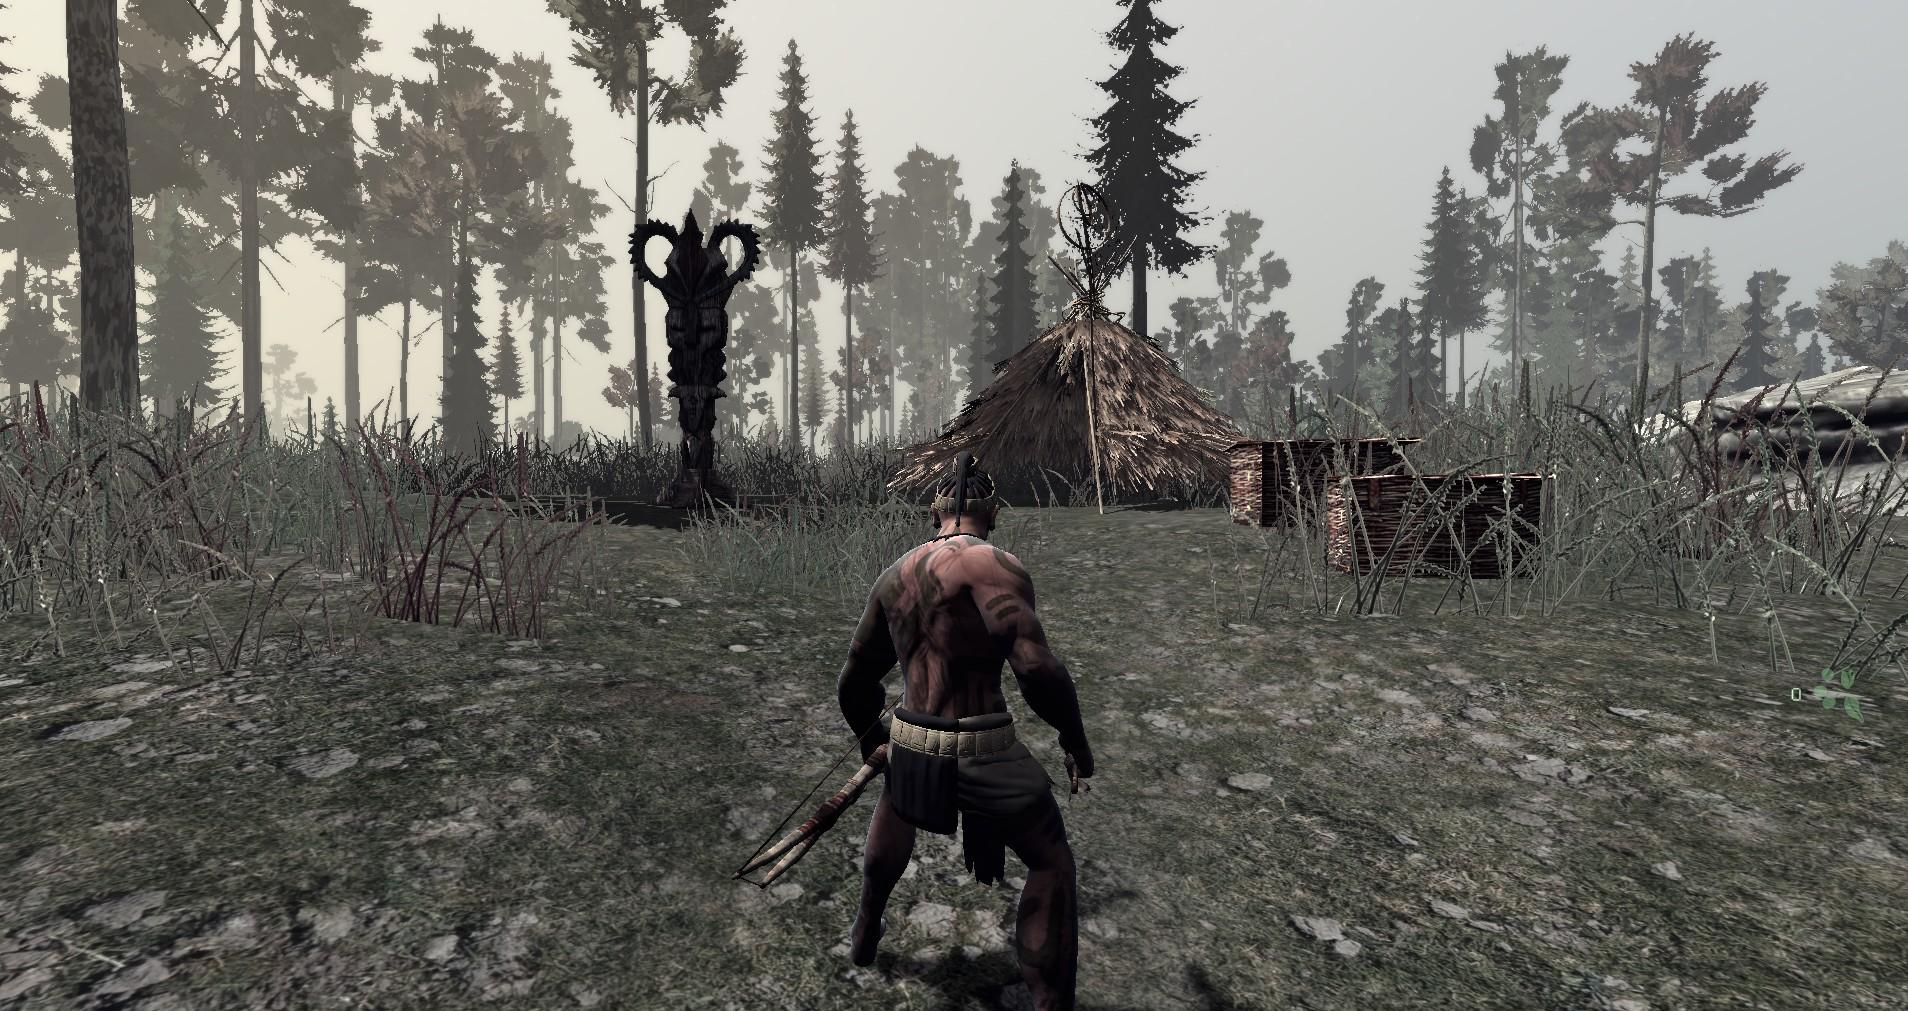 Картинки игр про выживание с открытым миром